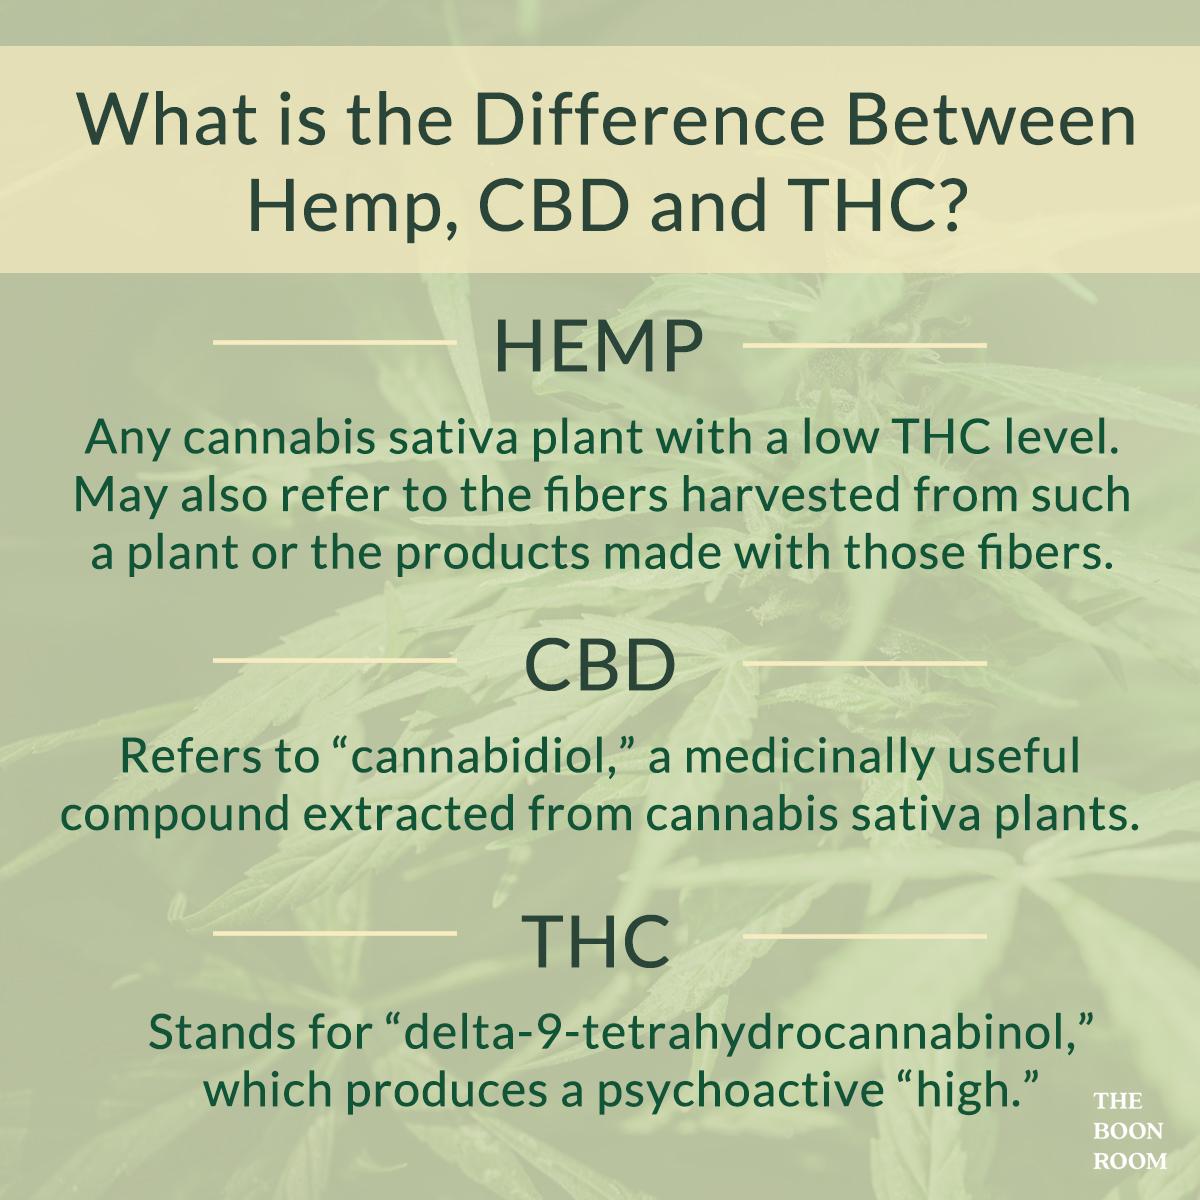 Hemp, CBD, THC